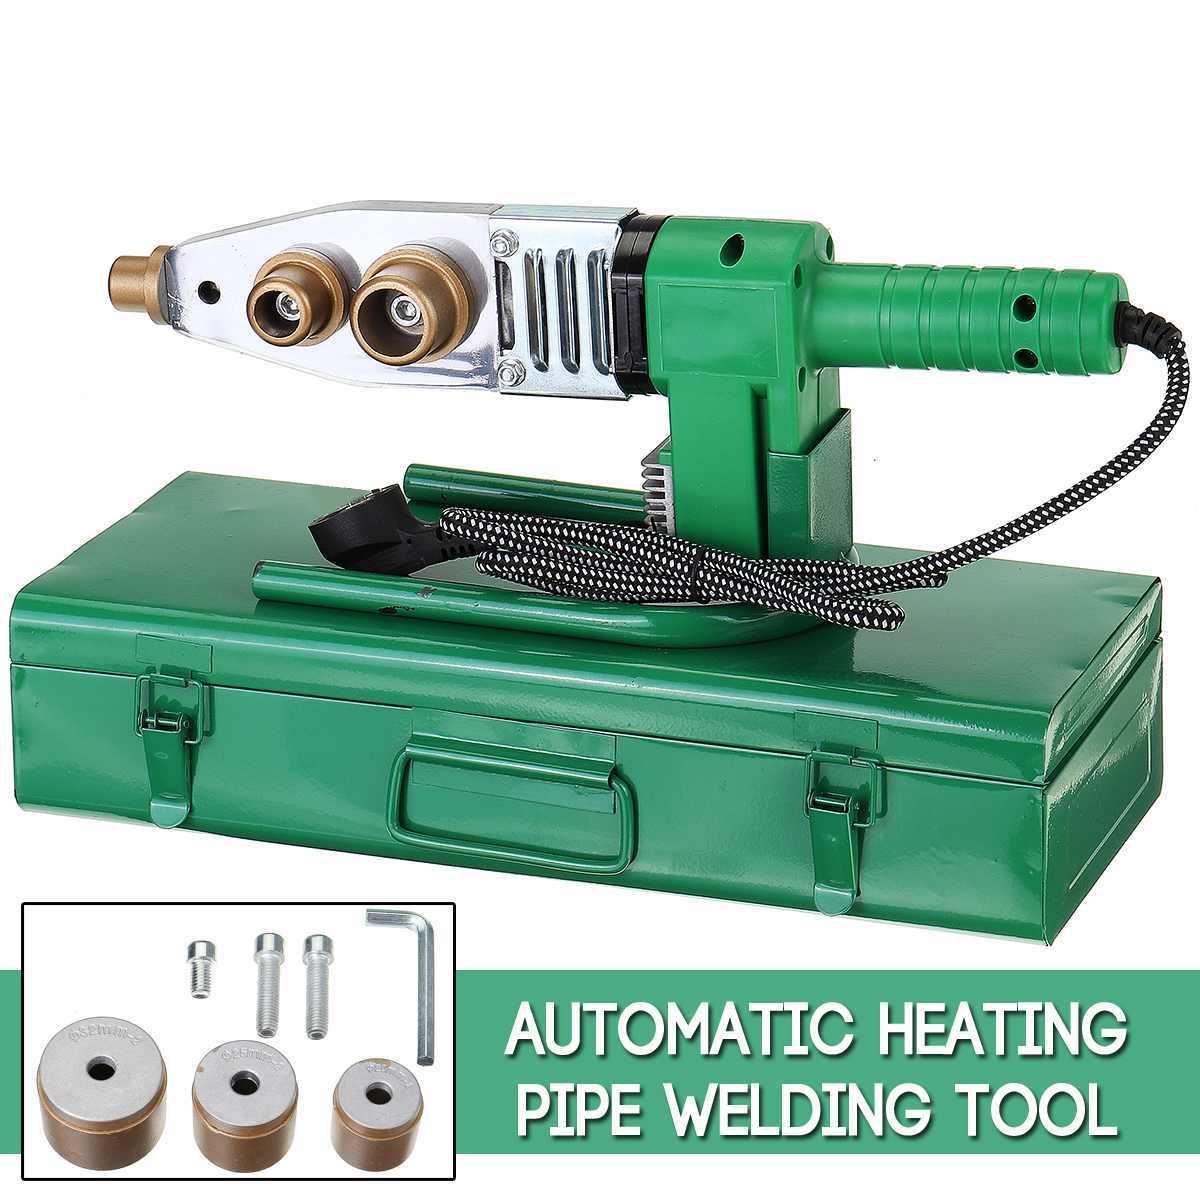 Máquina de soldadura de tubos eléctricos, juego de cabezales de herramientas de calefacción para PPR PB, tubo de plástico PE PPR, soldador de termofusión, Control de temperatura